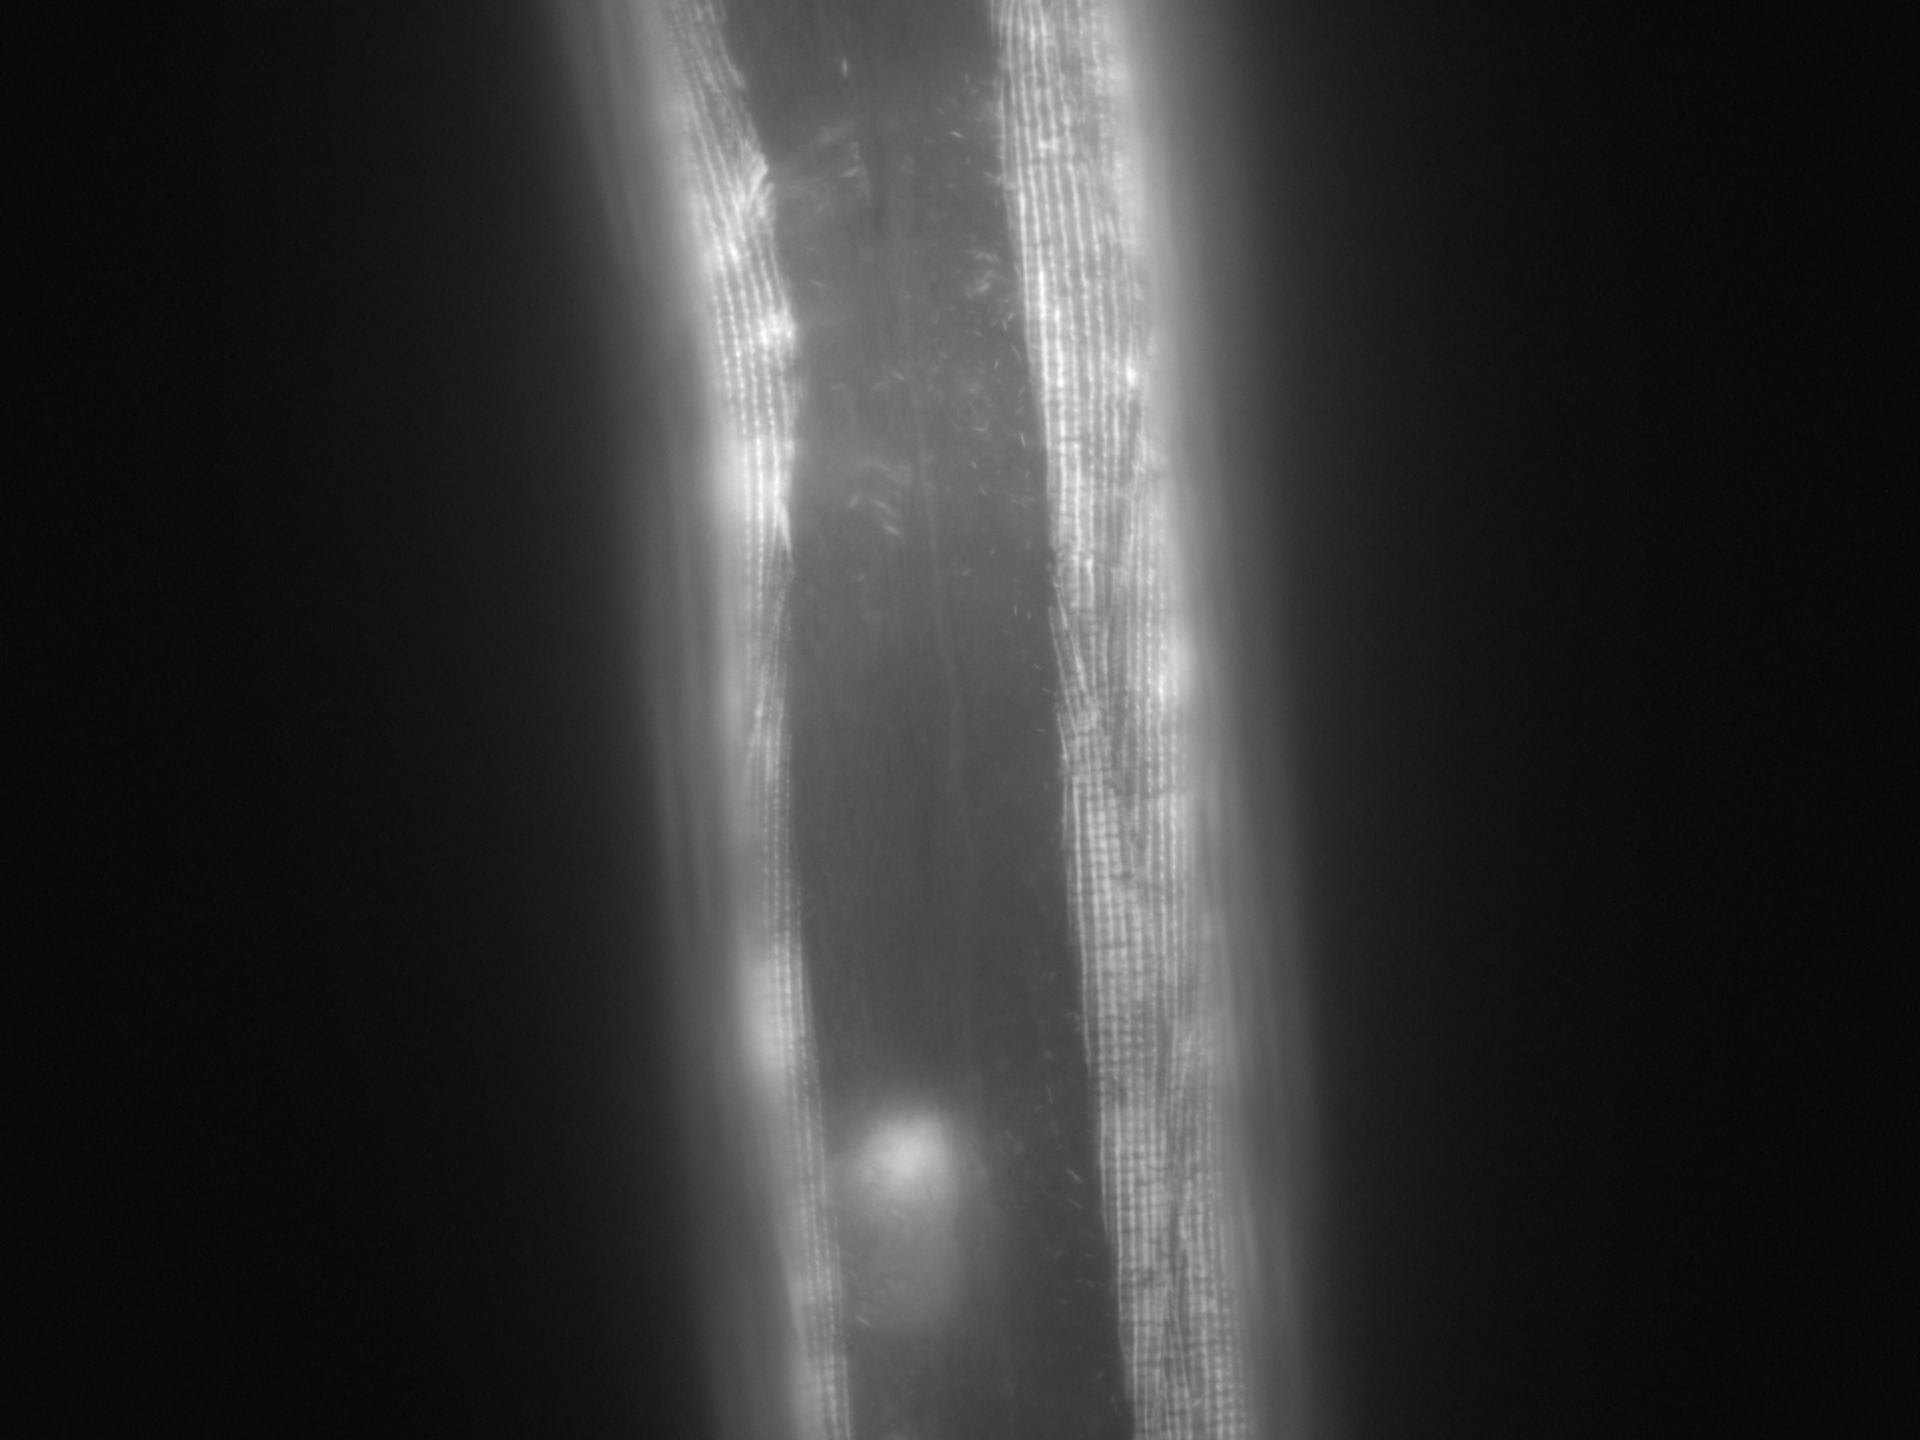 Caenorhabditis elegans (filamento di actina) - CIL:1006